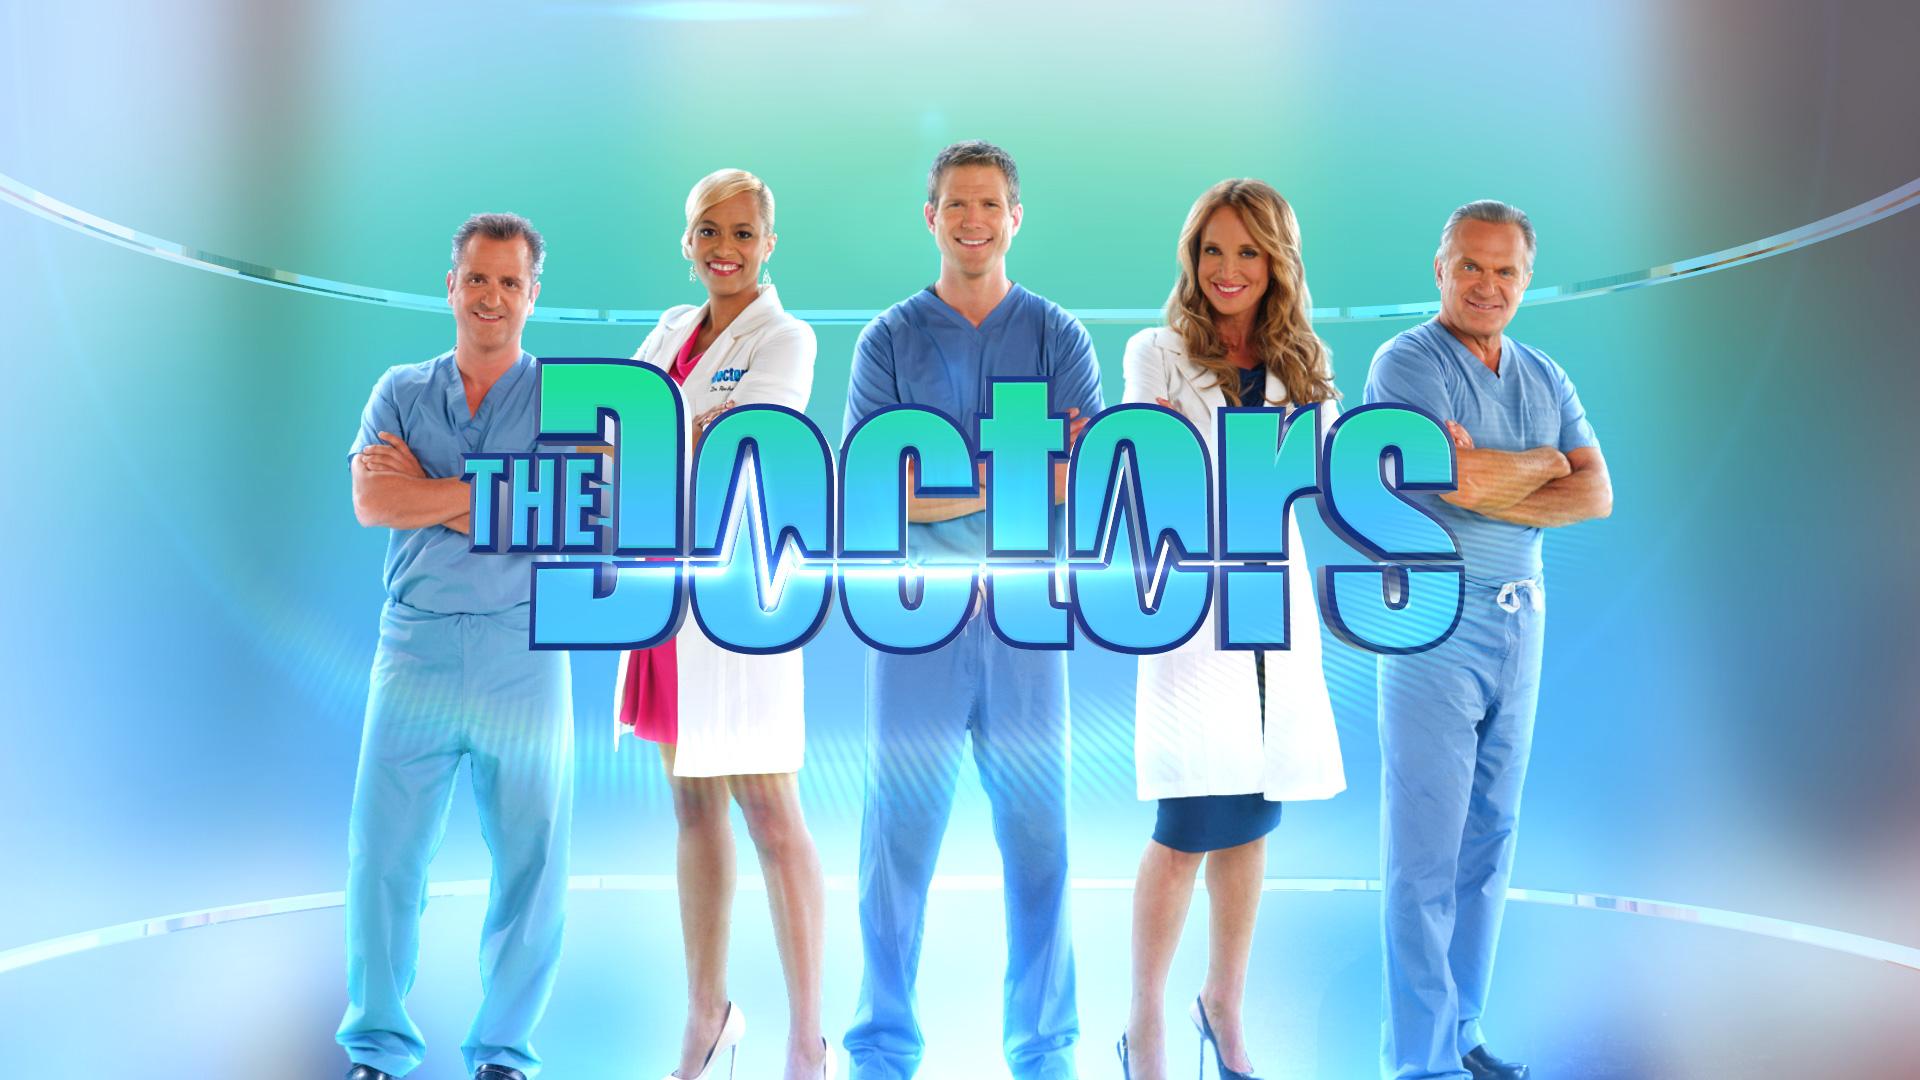 x6Launch_Doctors_Comp_1.jpg